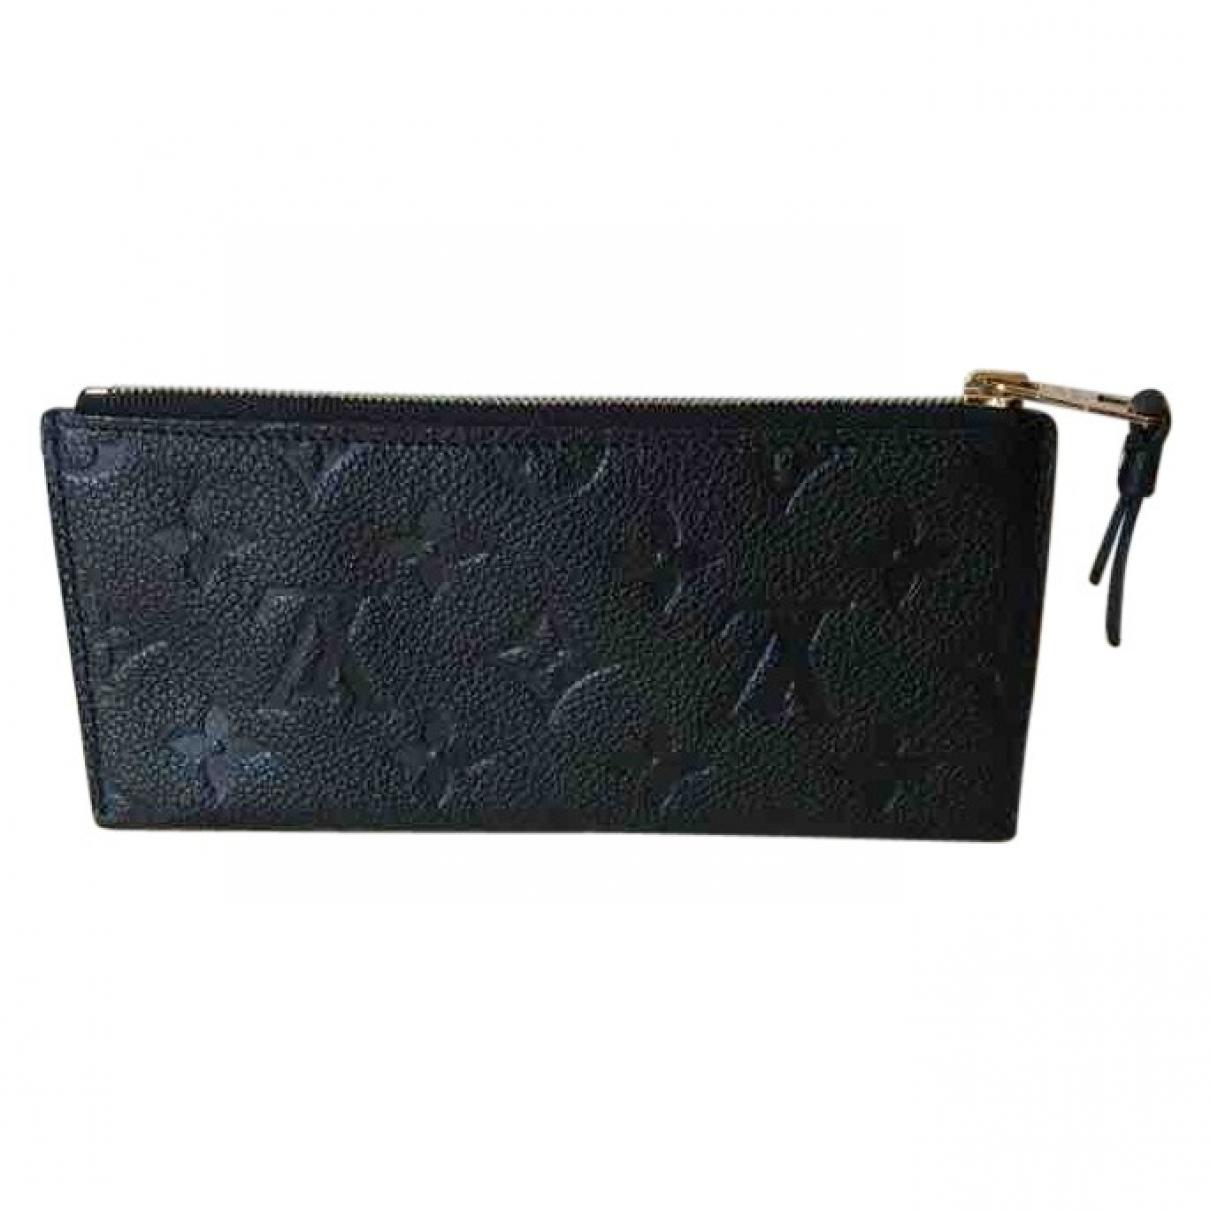 Louis Vuitton Adèle Black Leather Purses, wallet & cases for Women \N